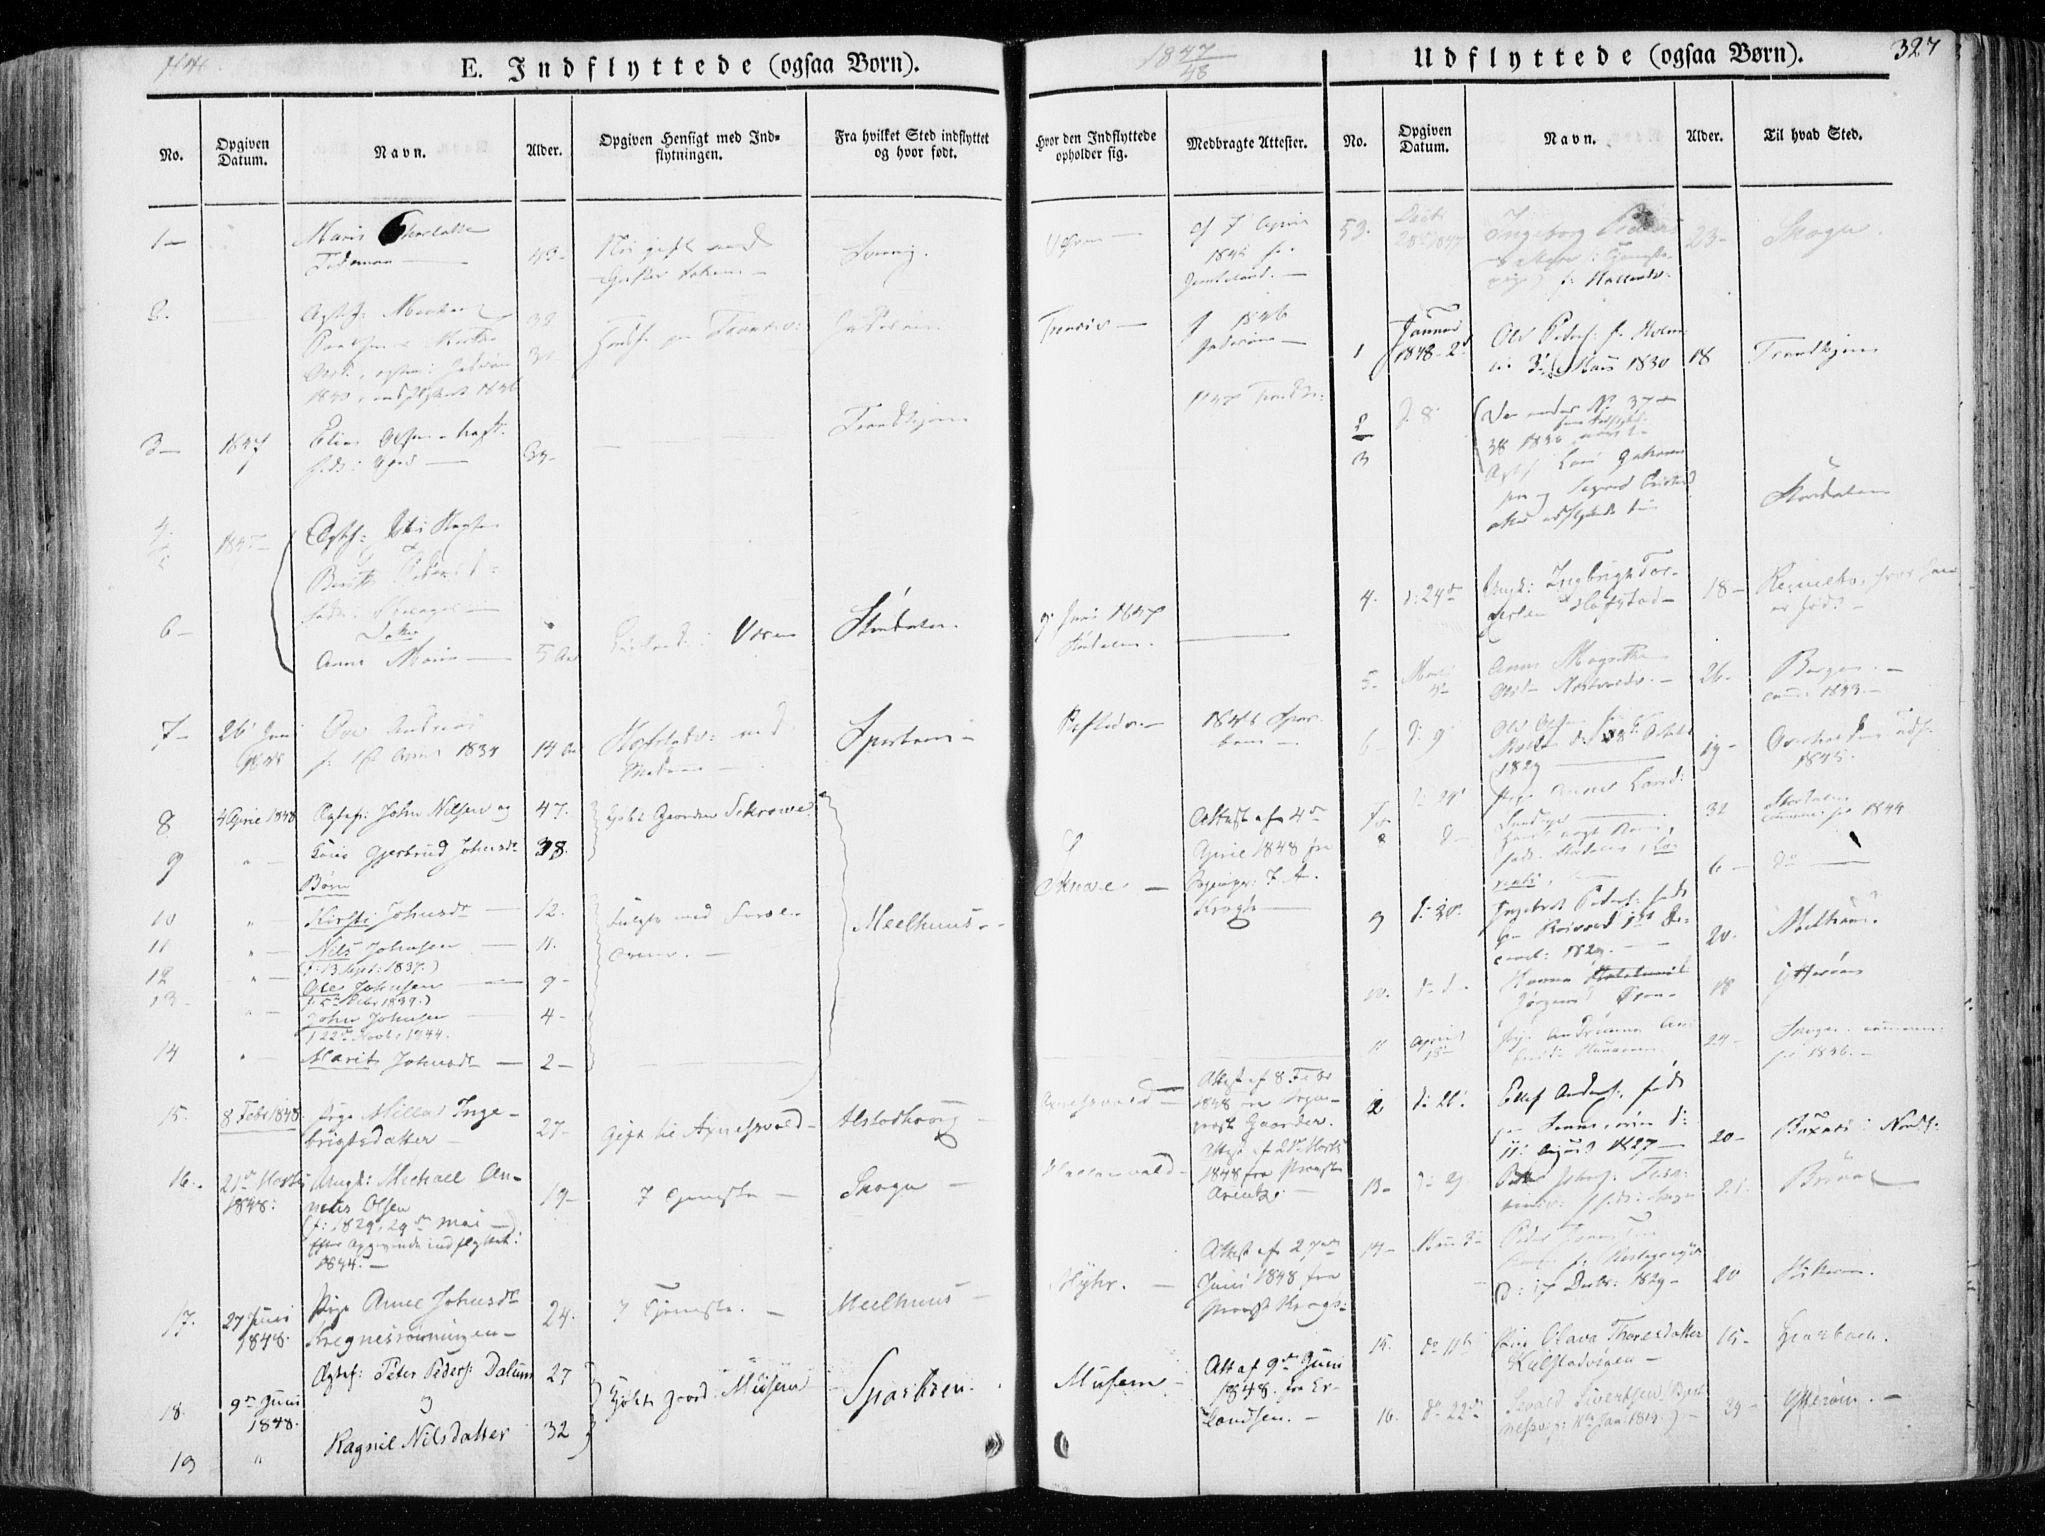 SAT, Ministerialprotokoller, klokkerbøker og fødselsregistre - Nord-Trøndelag, 723/L0239: Ministerialbok nr. 723A08, 1841-1851, s. 327